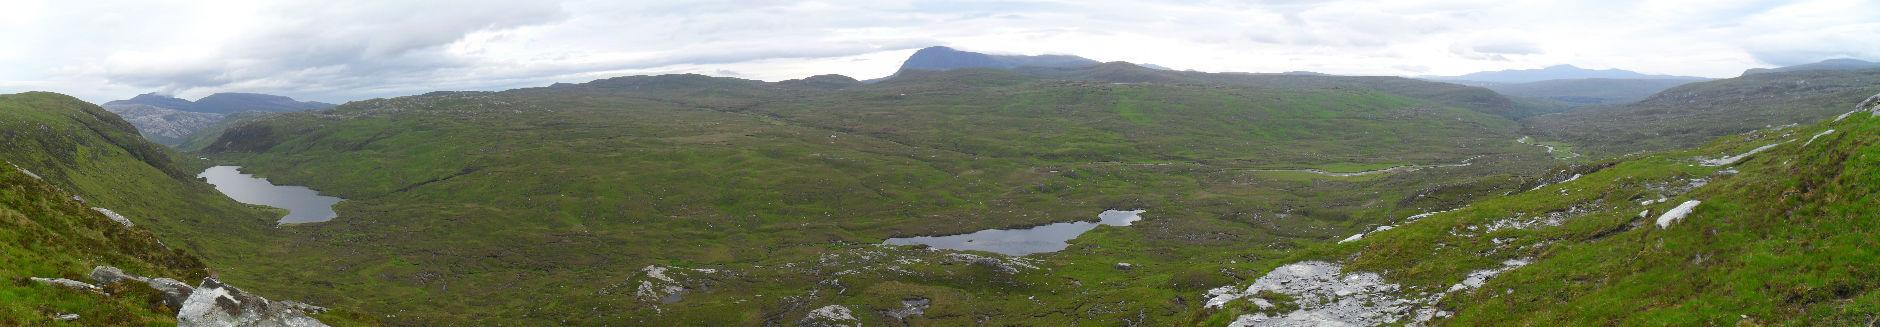 Noch weiter oben hat man einen tollen Blick auf das obere Glen Golly. Leider sind Panoramafotos nie so beeindruckend wie die Wirklichkeit